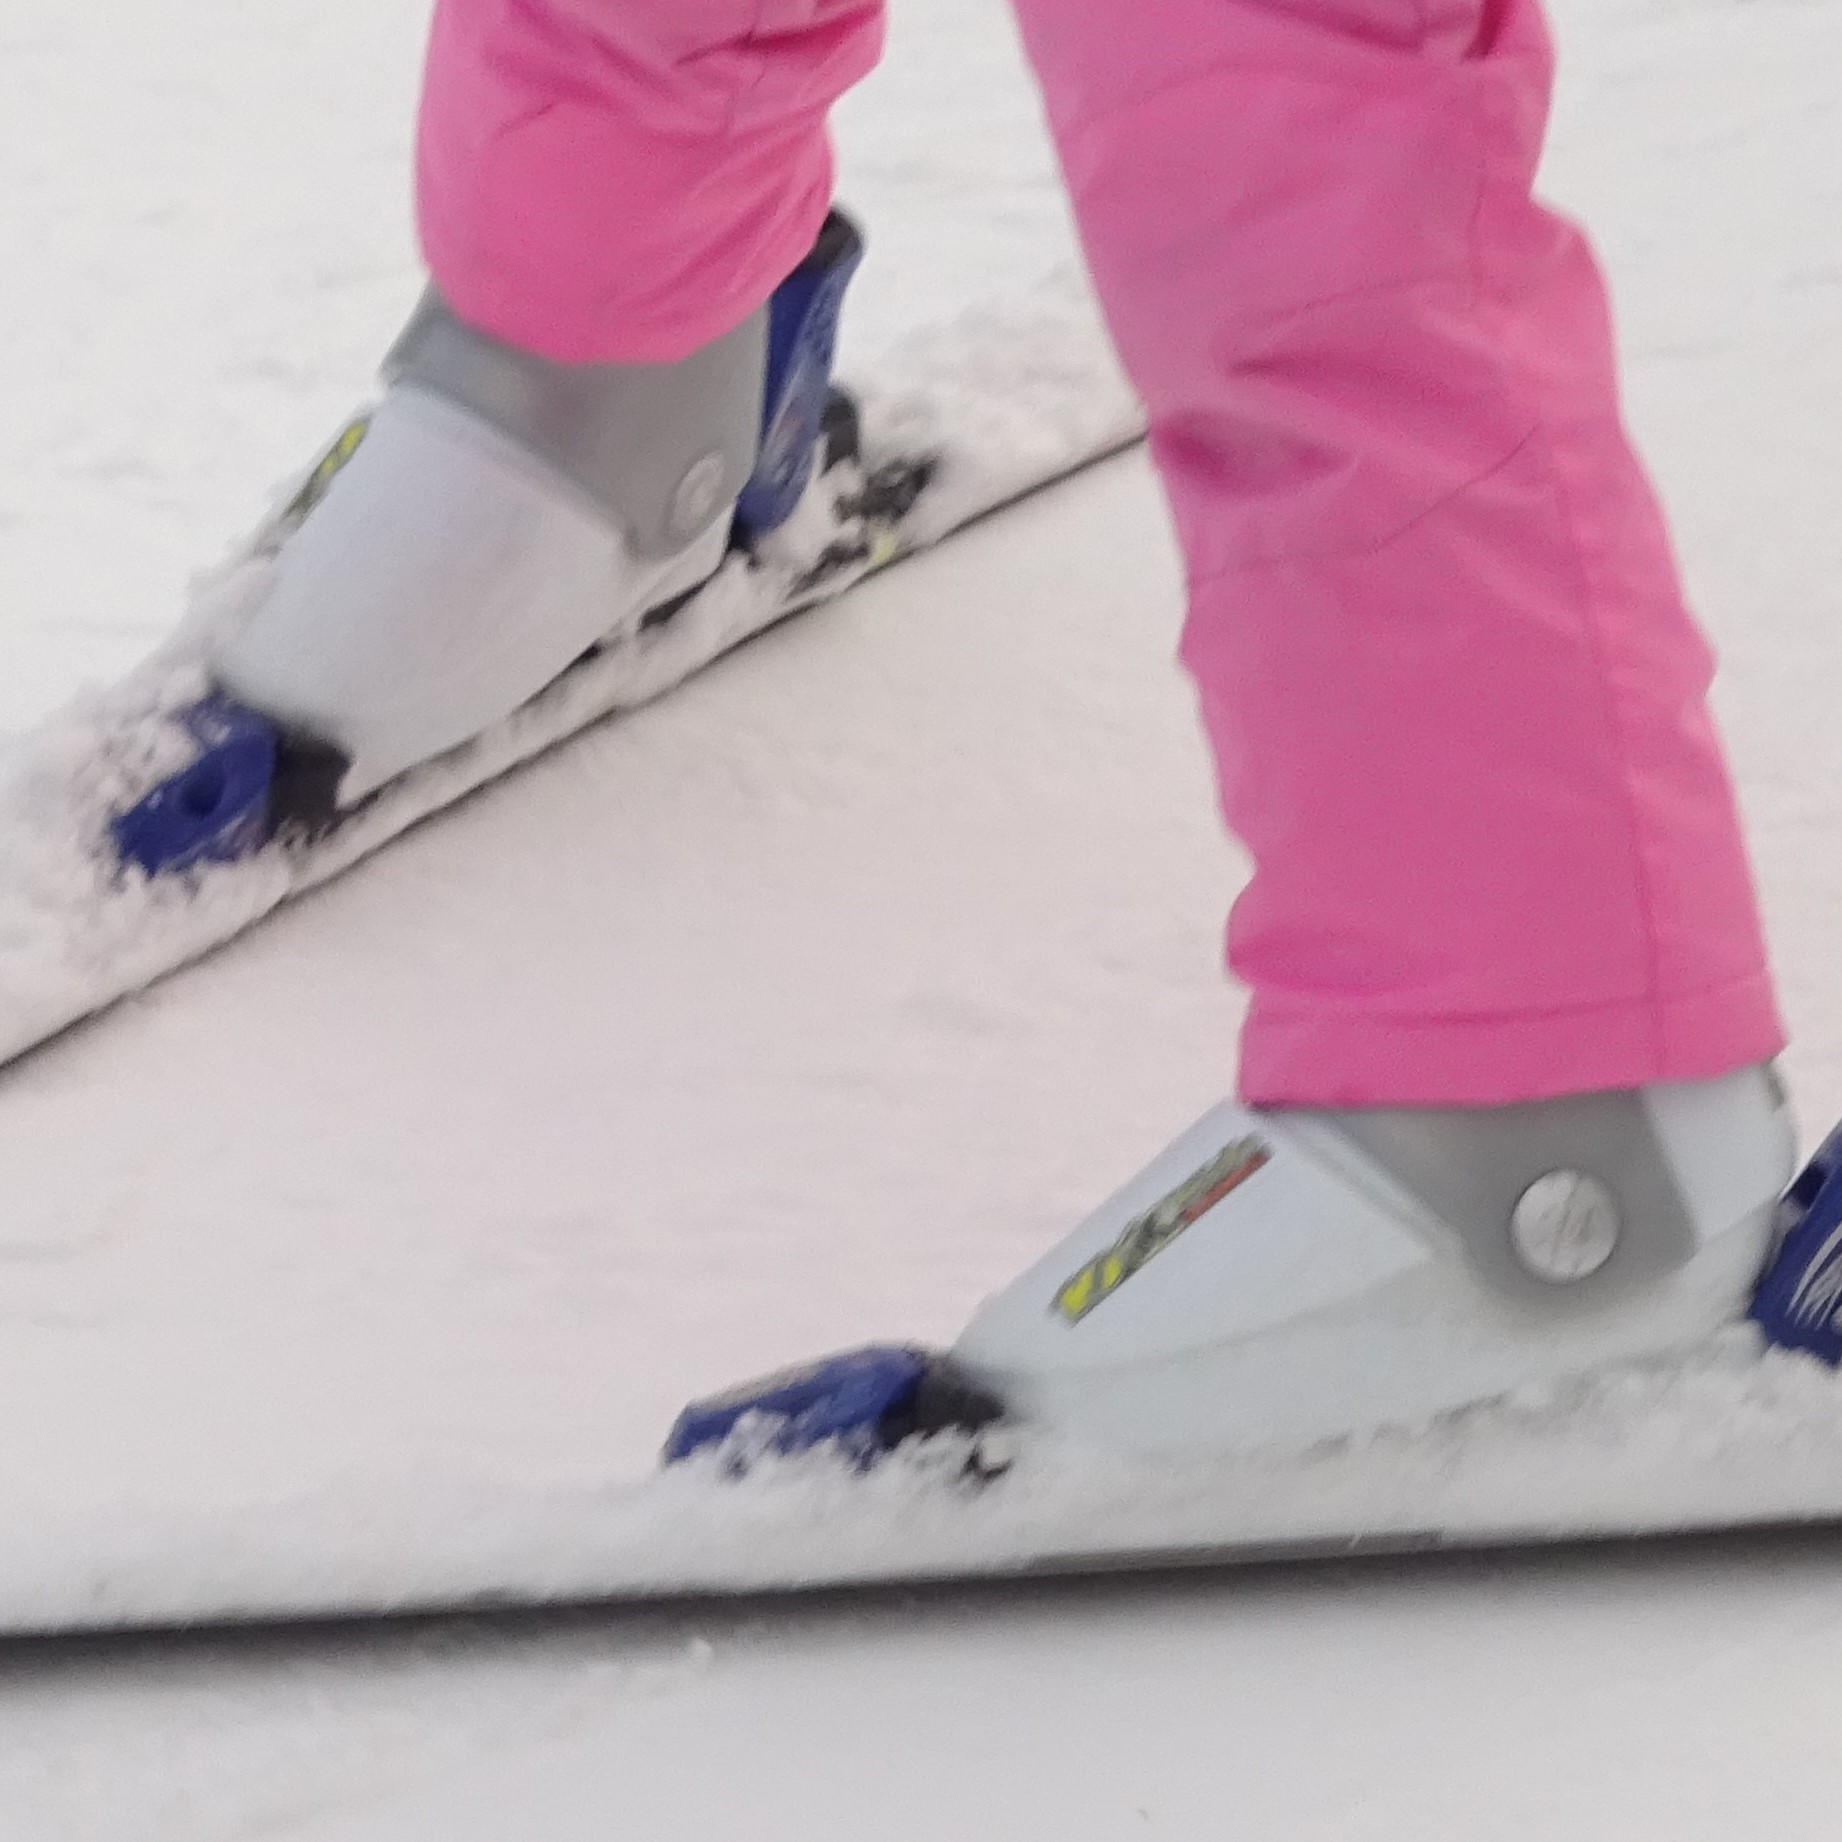 北海道のスキー用品ワンシーズンレンタル店舗